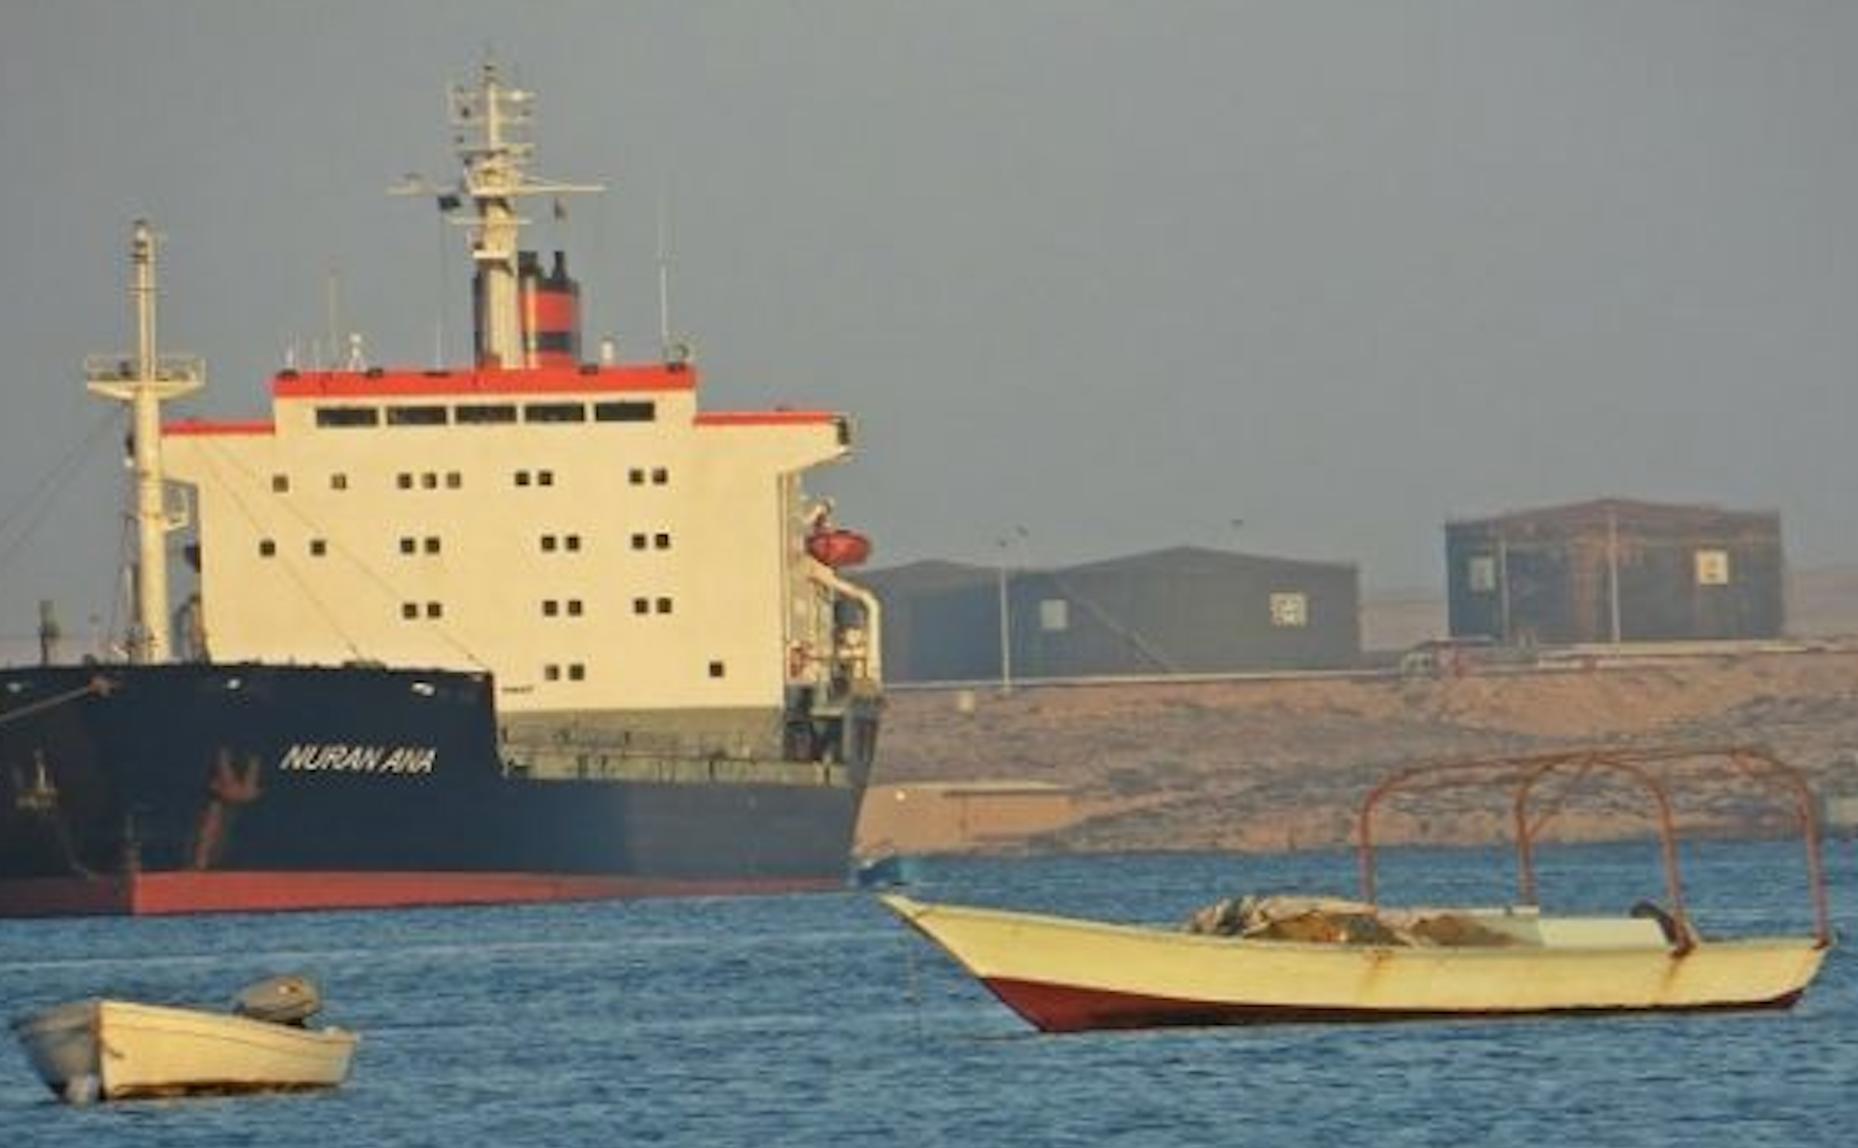 ميناء طبرق يُصدّر 2000 طن من الخردة ويستقبل شحنتي إسمنت